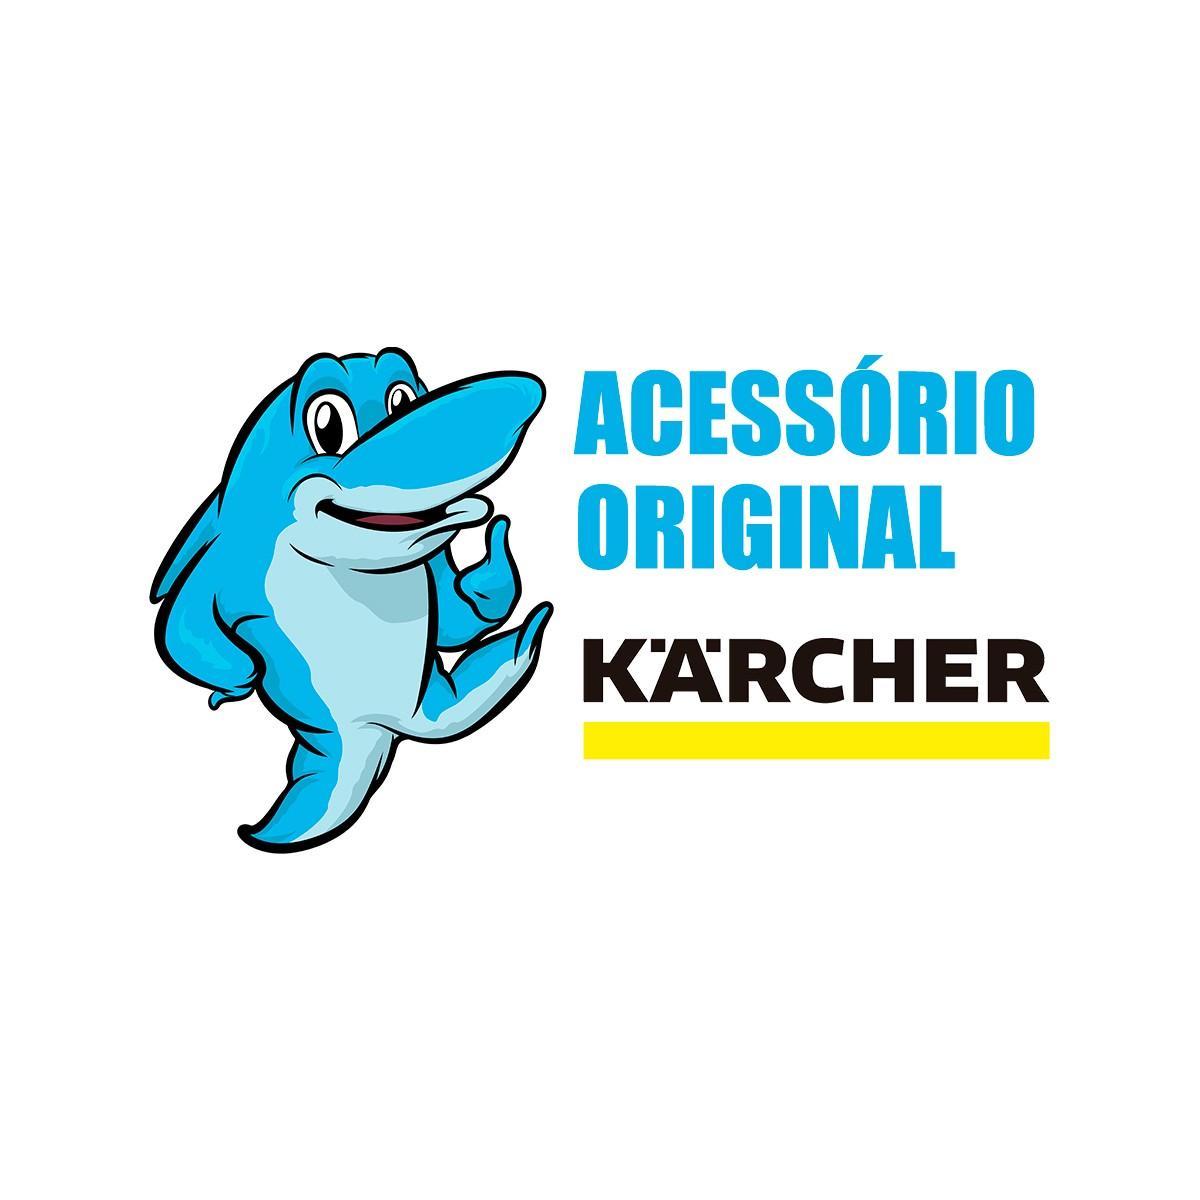 Gicleur para Lavadora Karcher HD585 (220v), HD5/11 (127v), HD6/11 (220v). HD6/15-4 (220v), HD7/15, HD10/25 Original